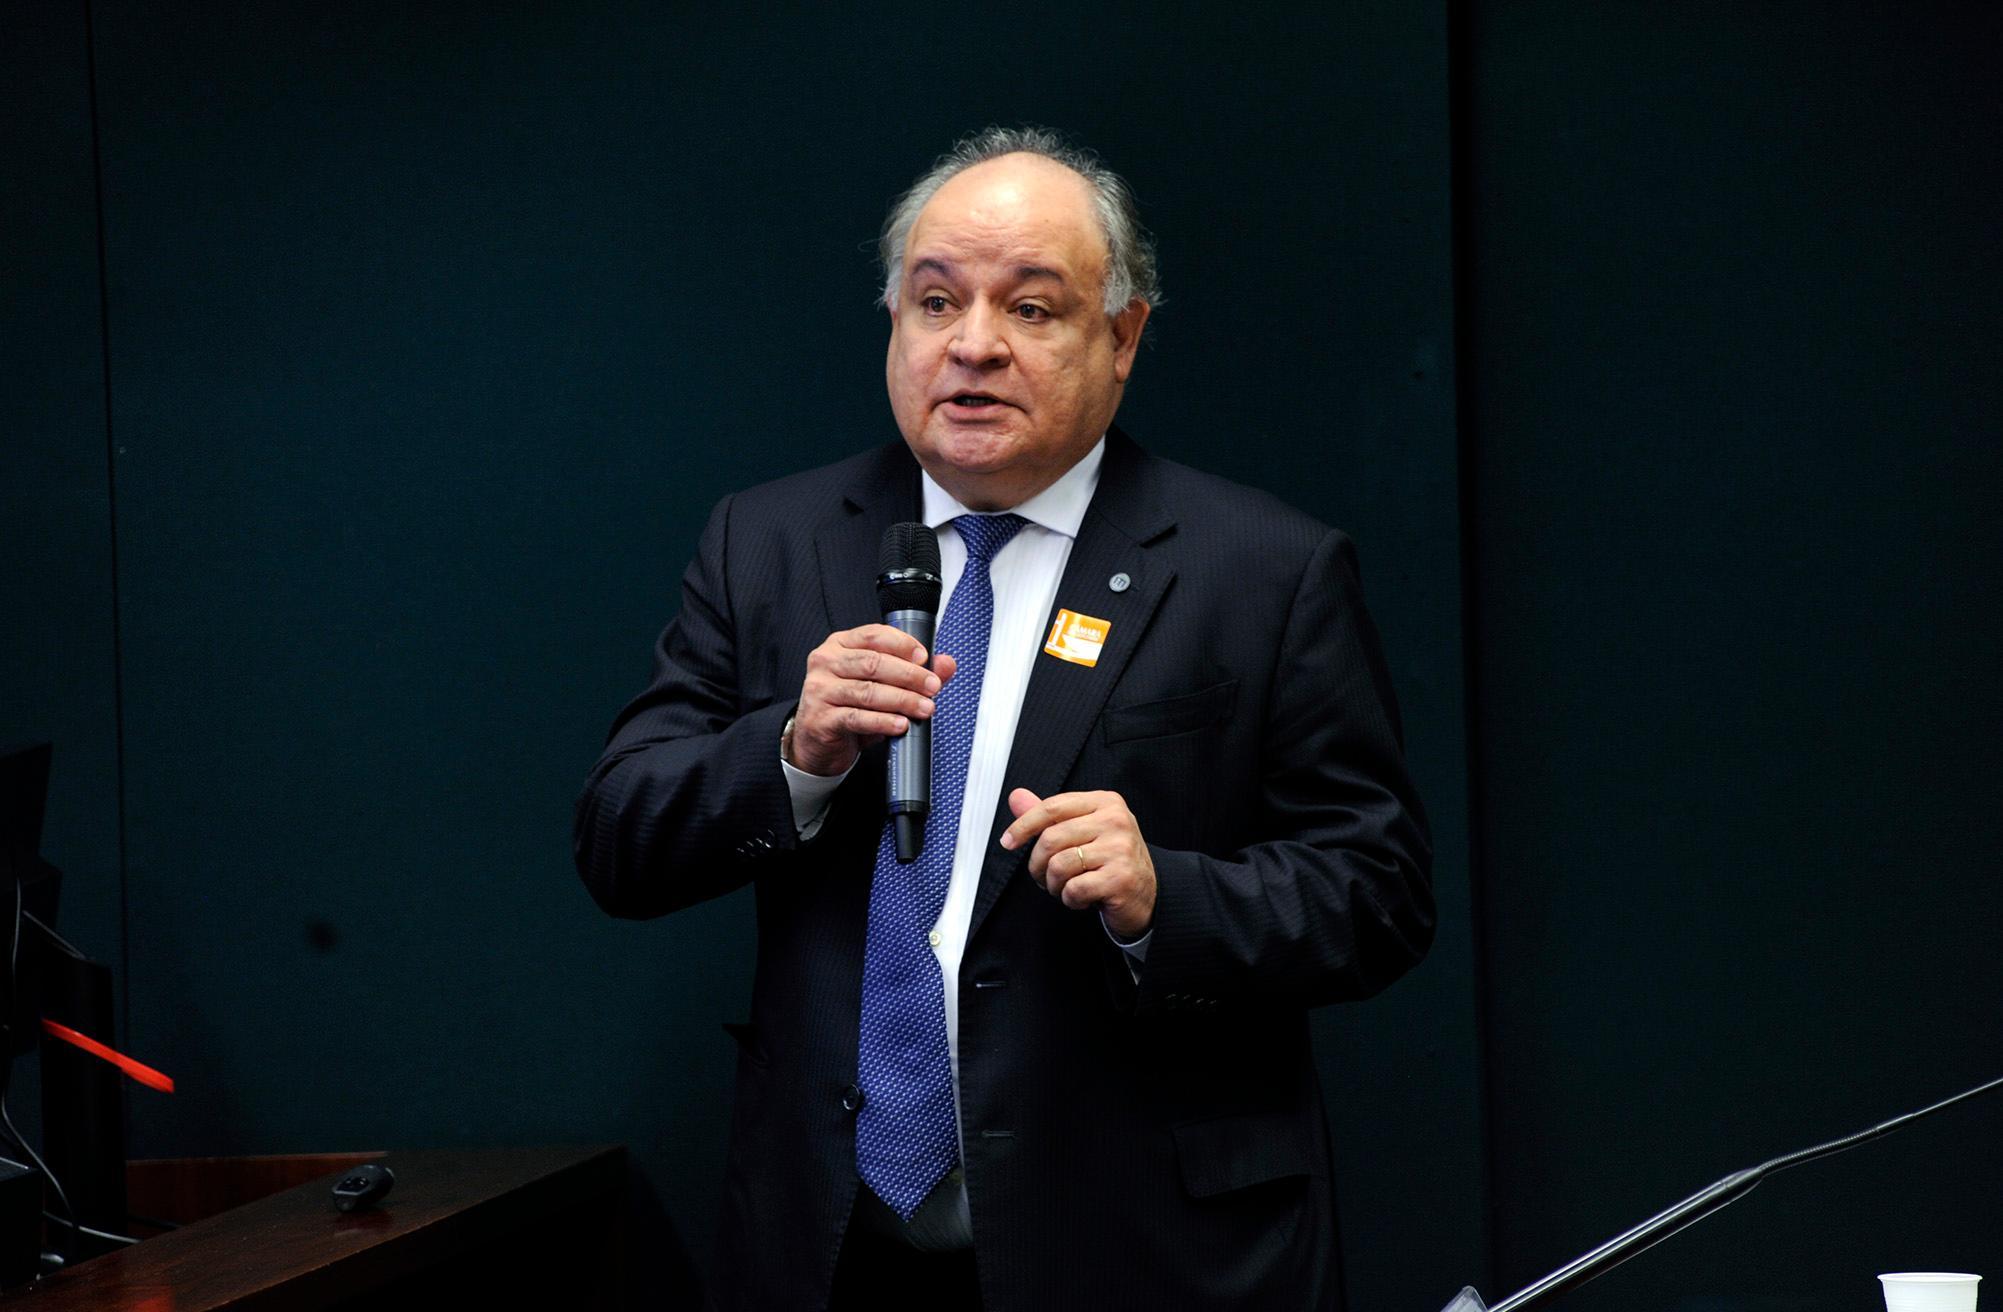 Audiência pública sobre a necessidade de regulação da tecnologia blockchain. Diretor-presidente do Instituto Nacional de Tecnologia da Informação (ITI), Gastão José de oliveira Ramos